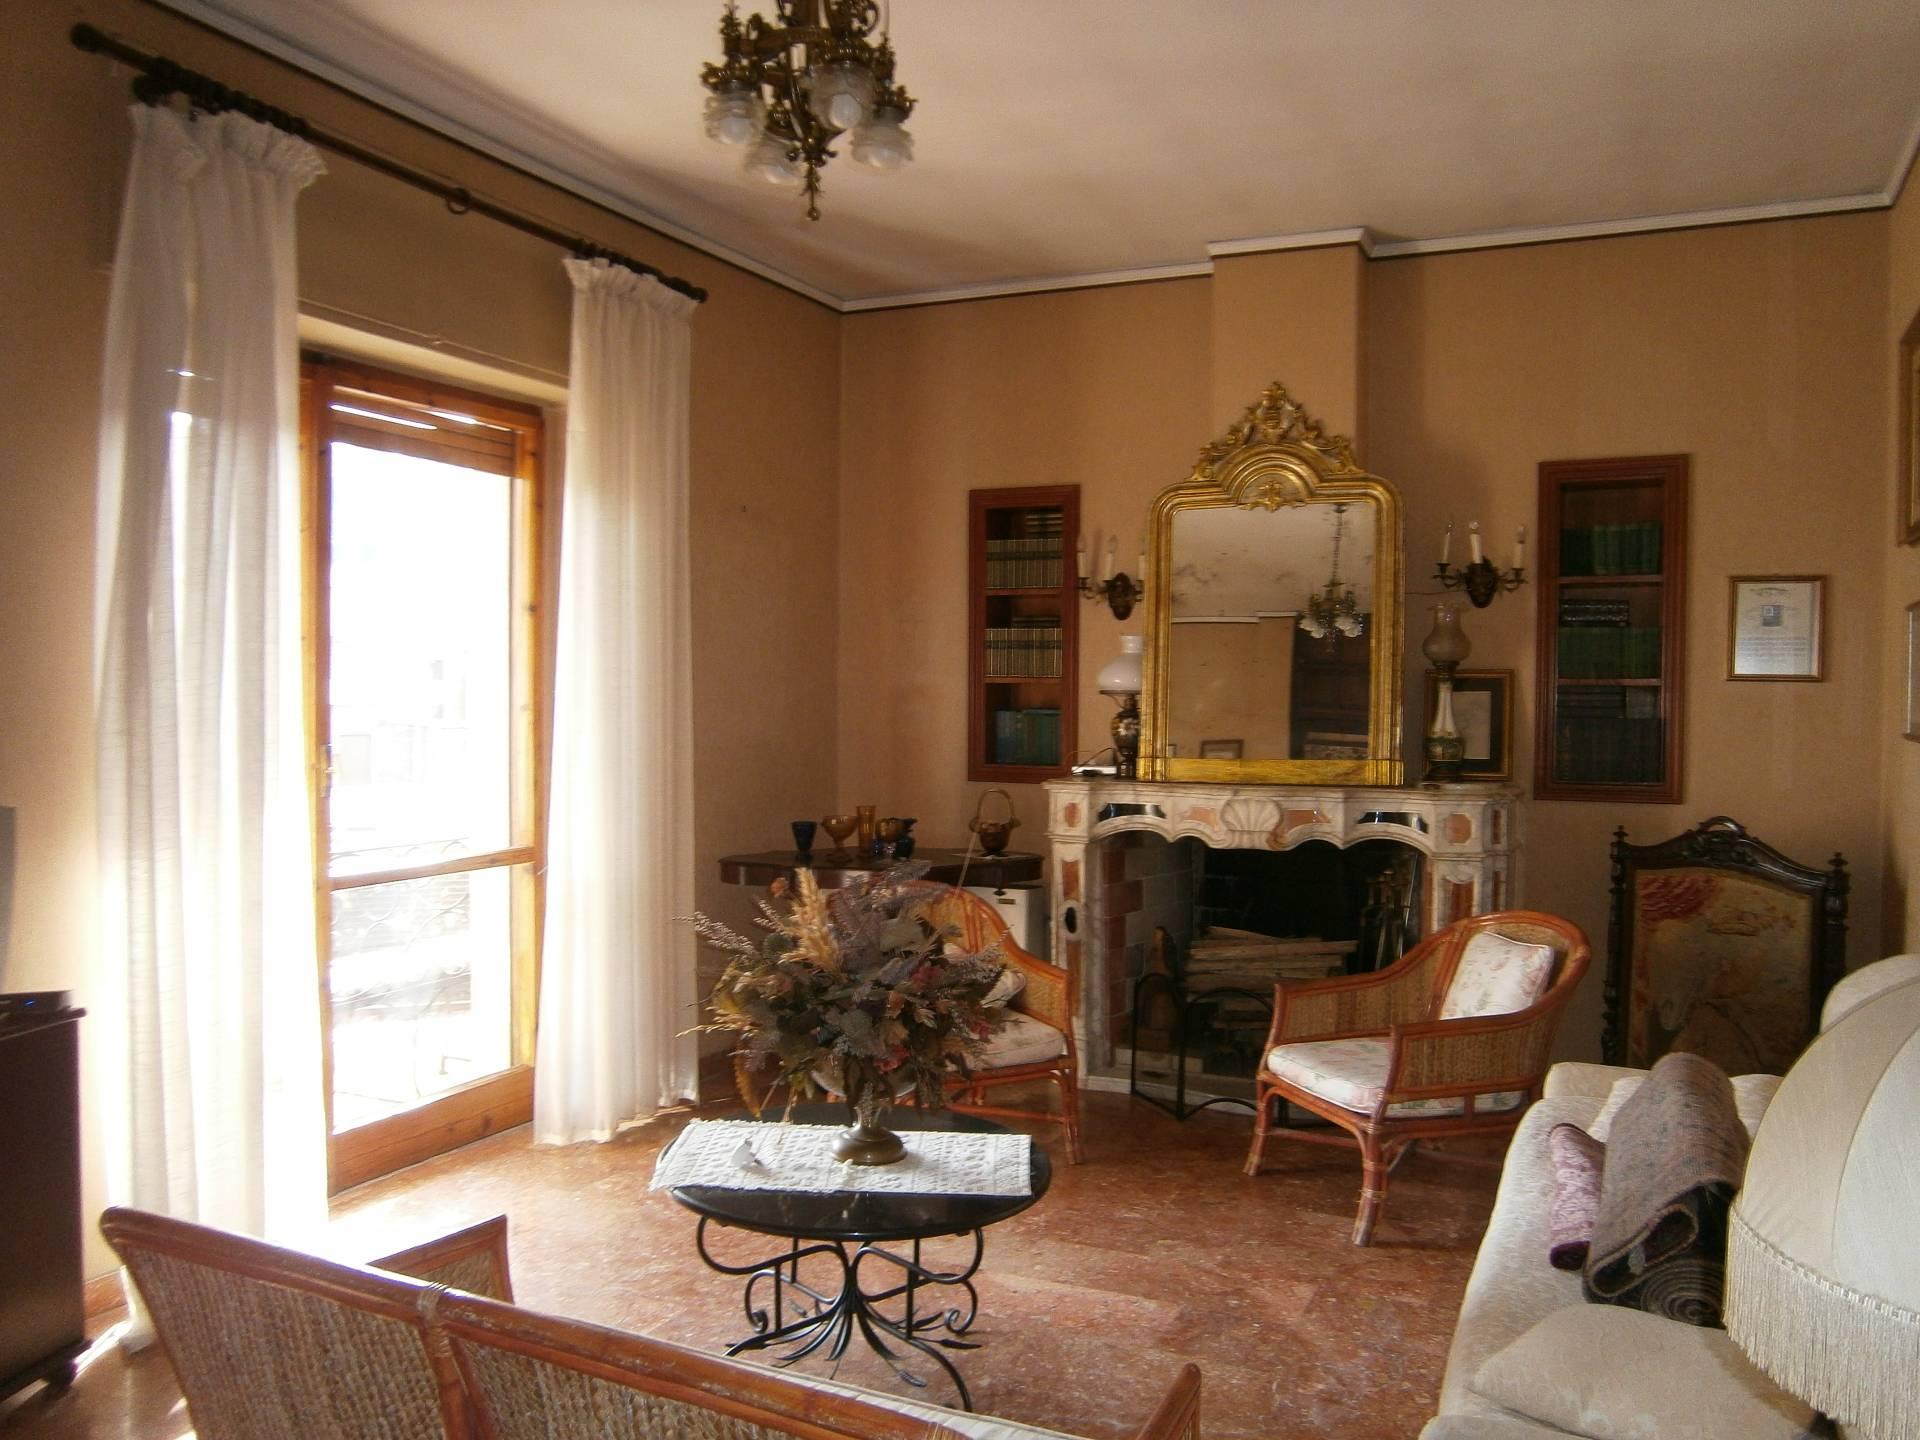 Appartamento in affitto a Cagliari, 4 locali, zona Località: MonteUrpinu, prezzo € 750 | Cambio Casa.it